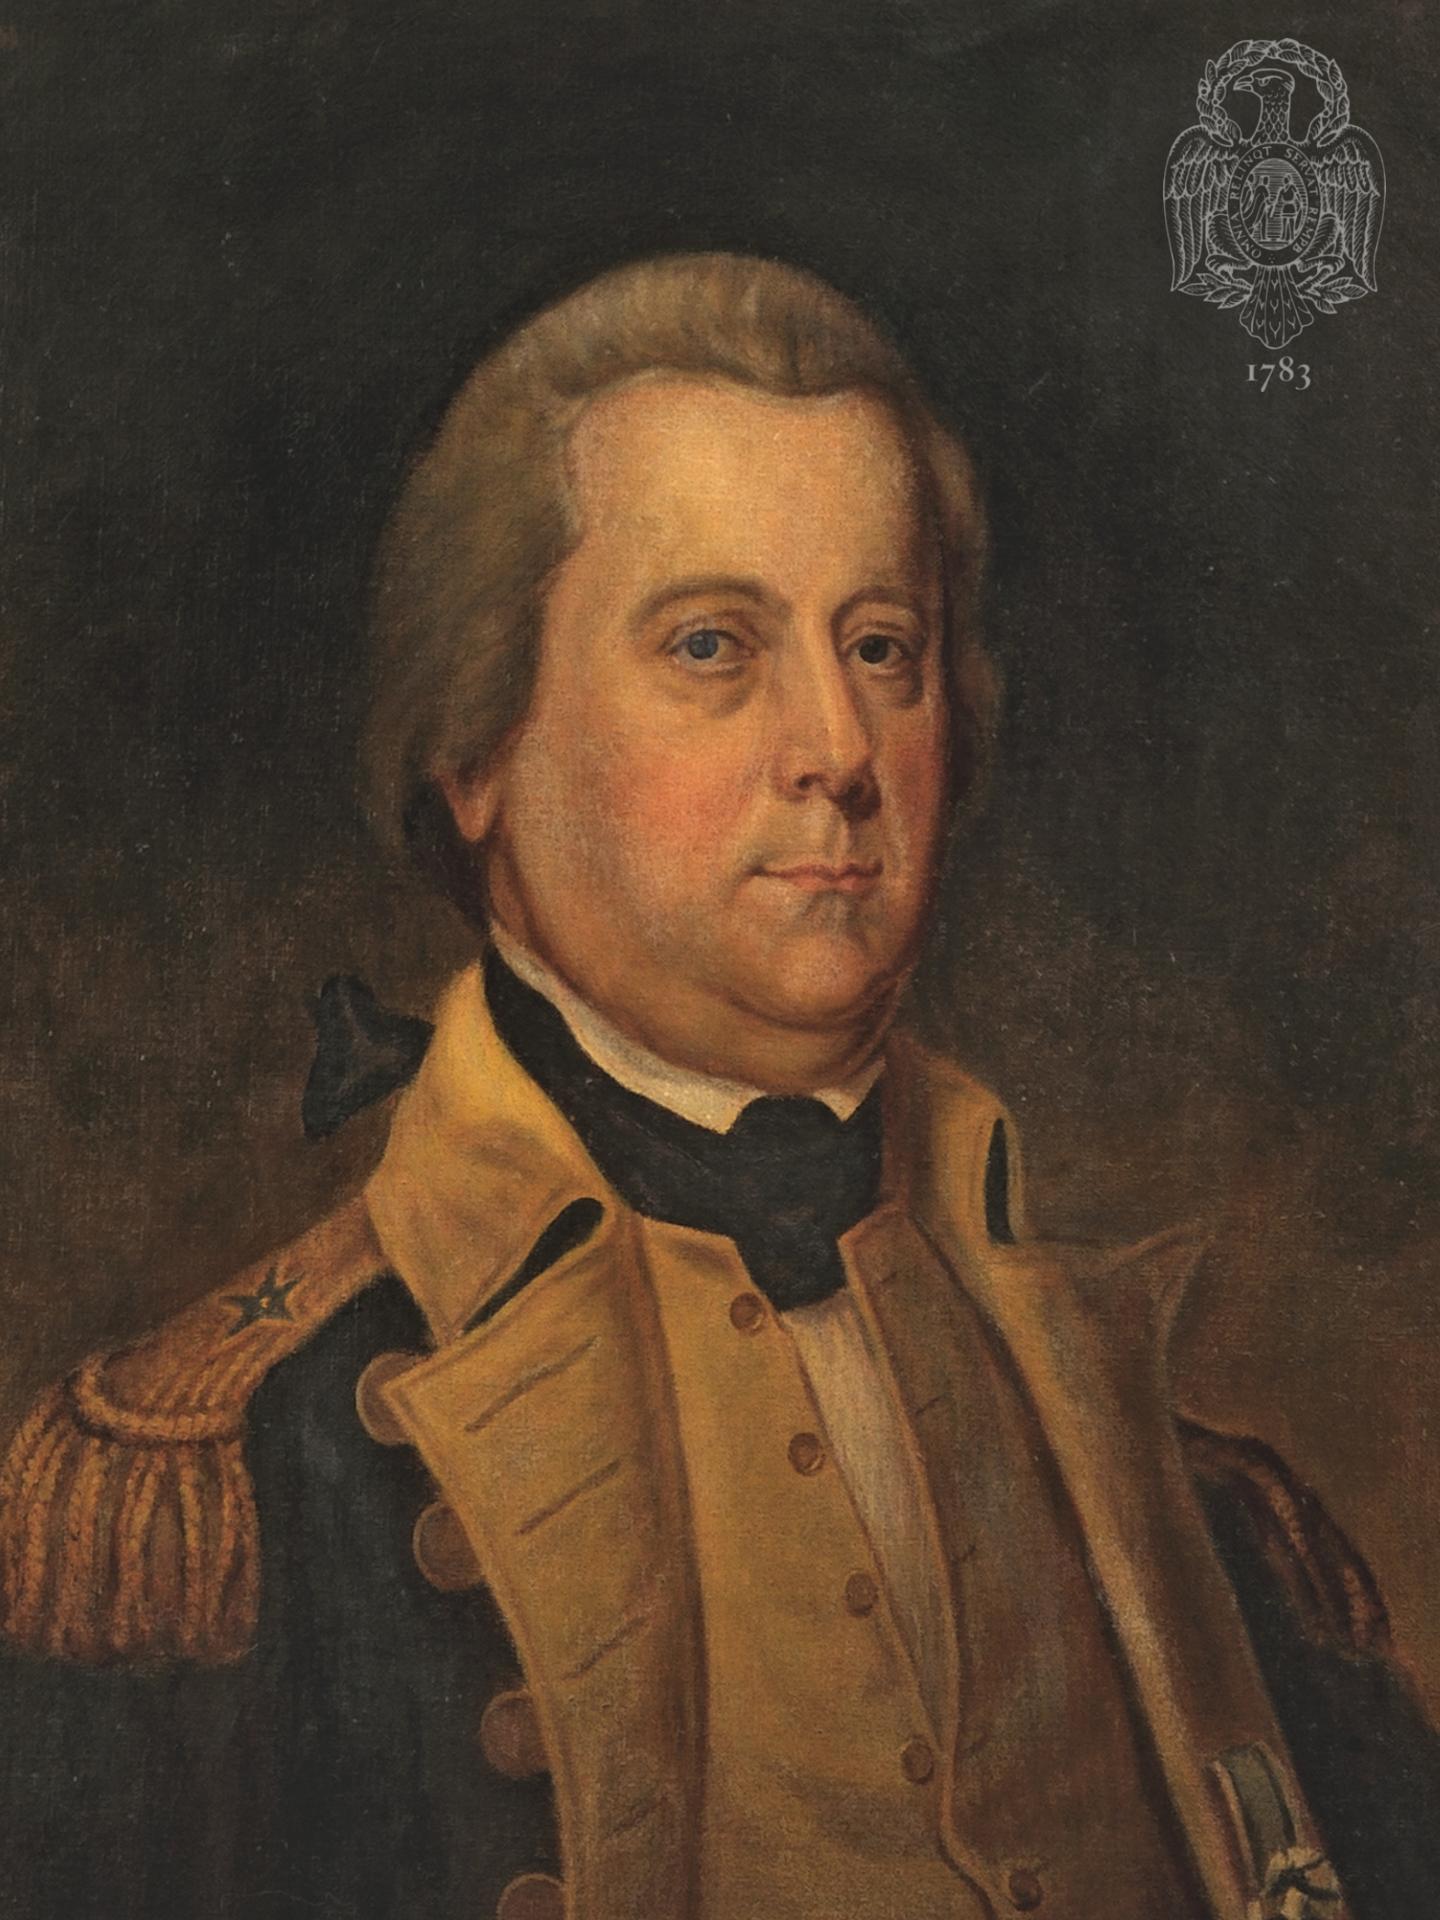 B. Gen. William Irvine